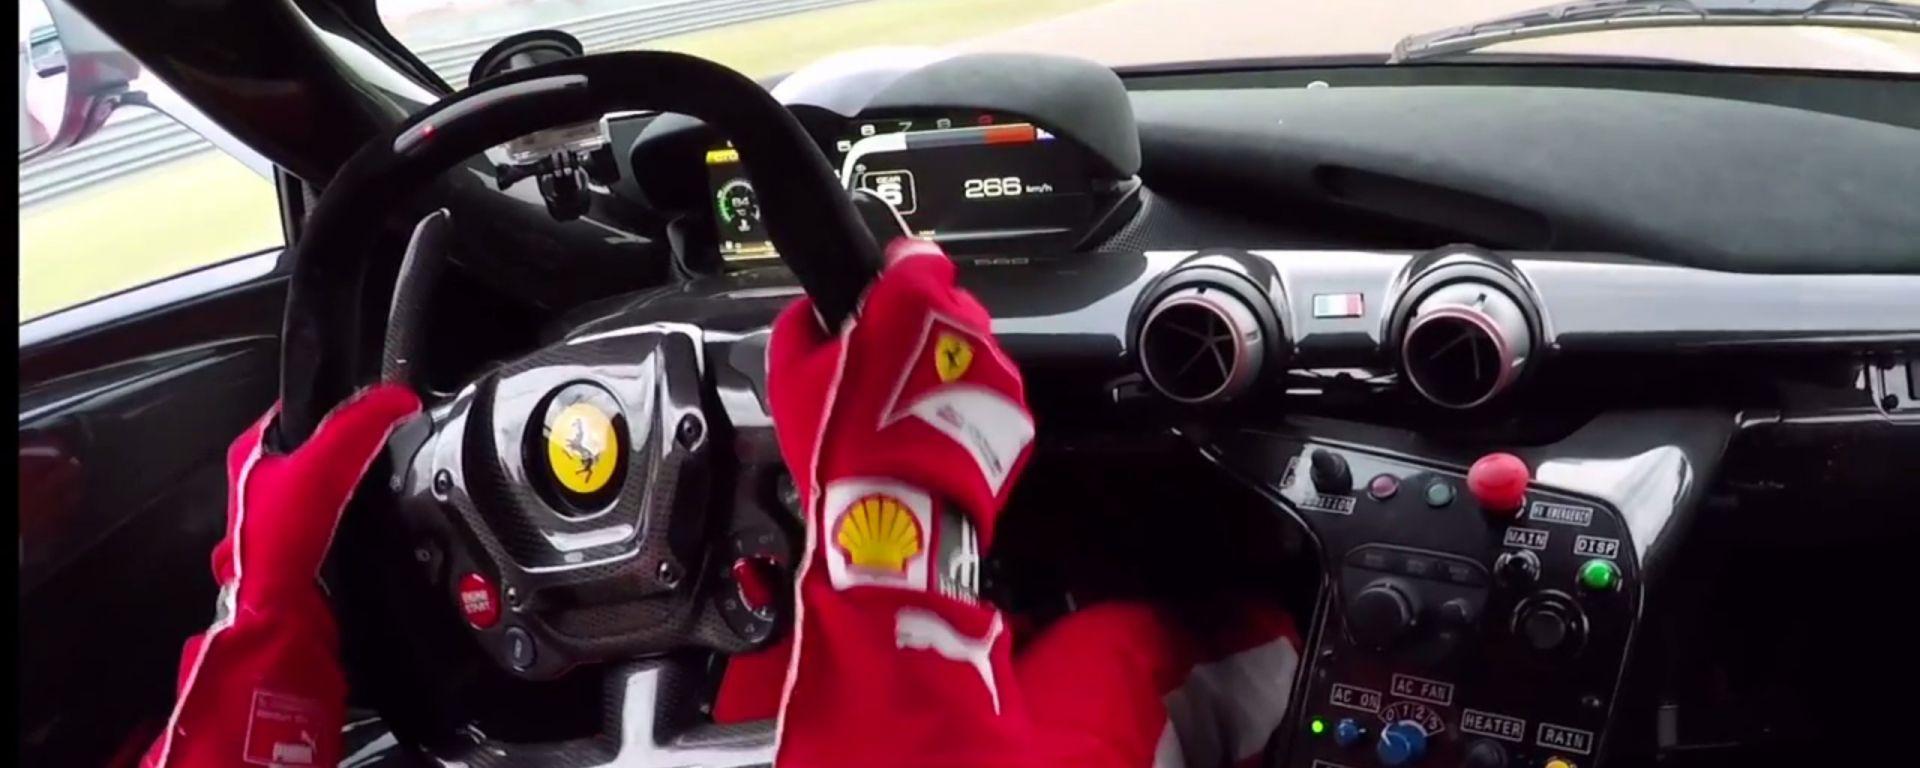 Video: Vettel alla guida della Ferrari FXX K - MotorBox